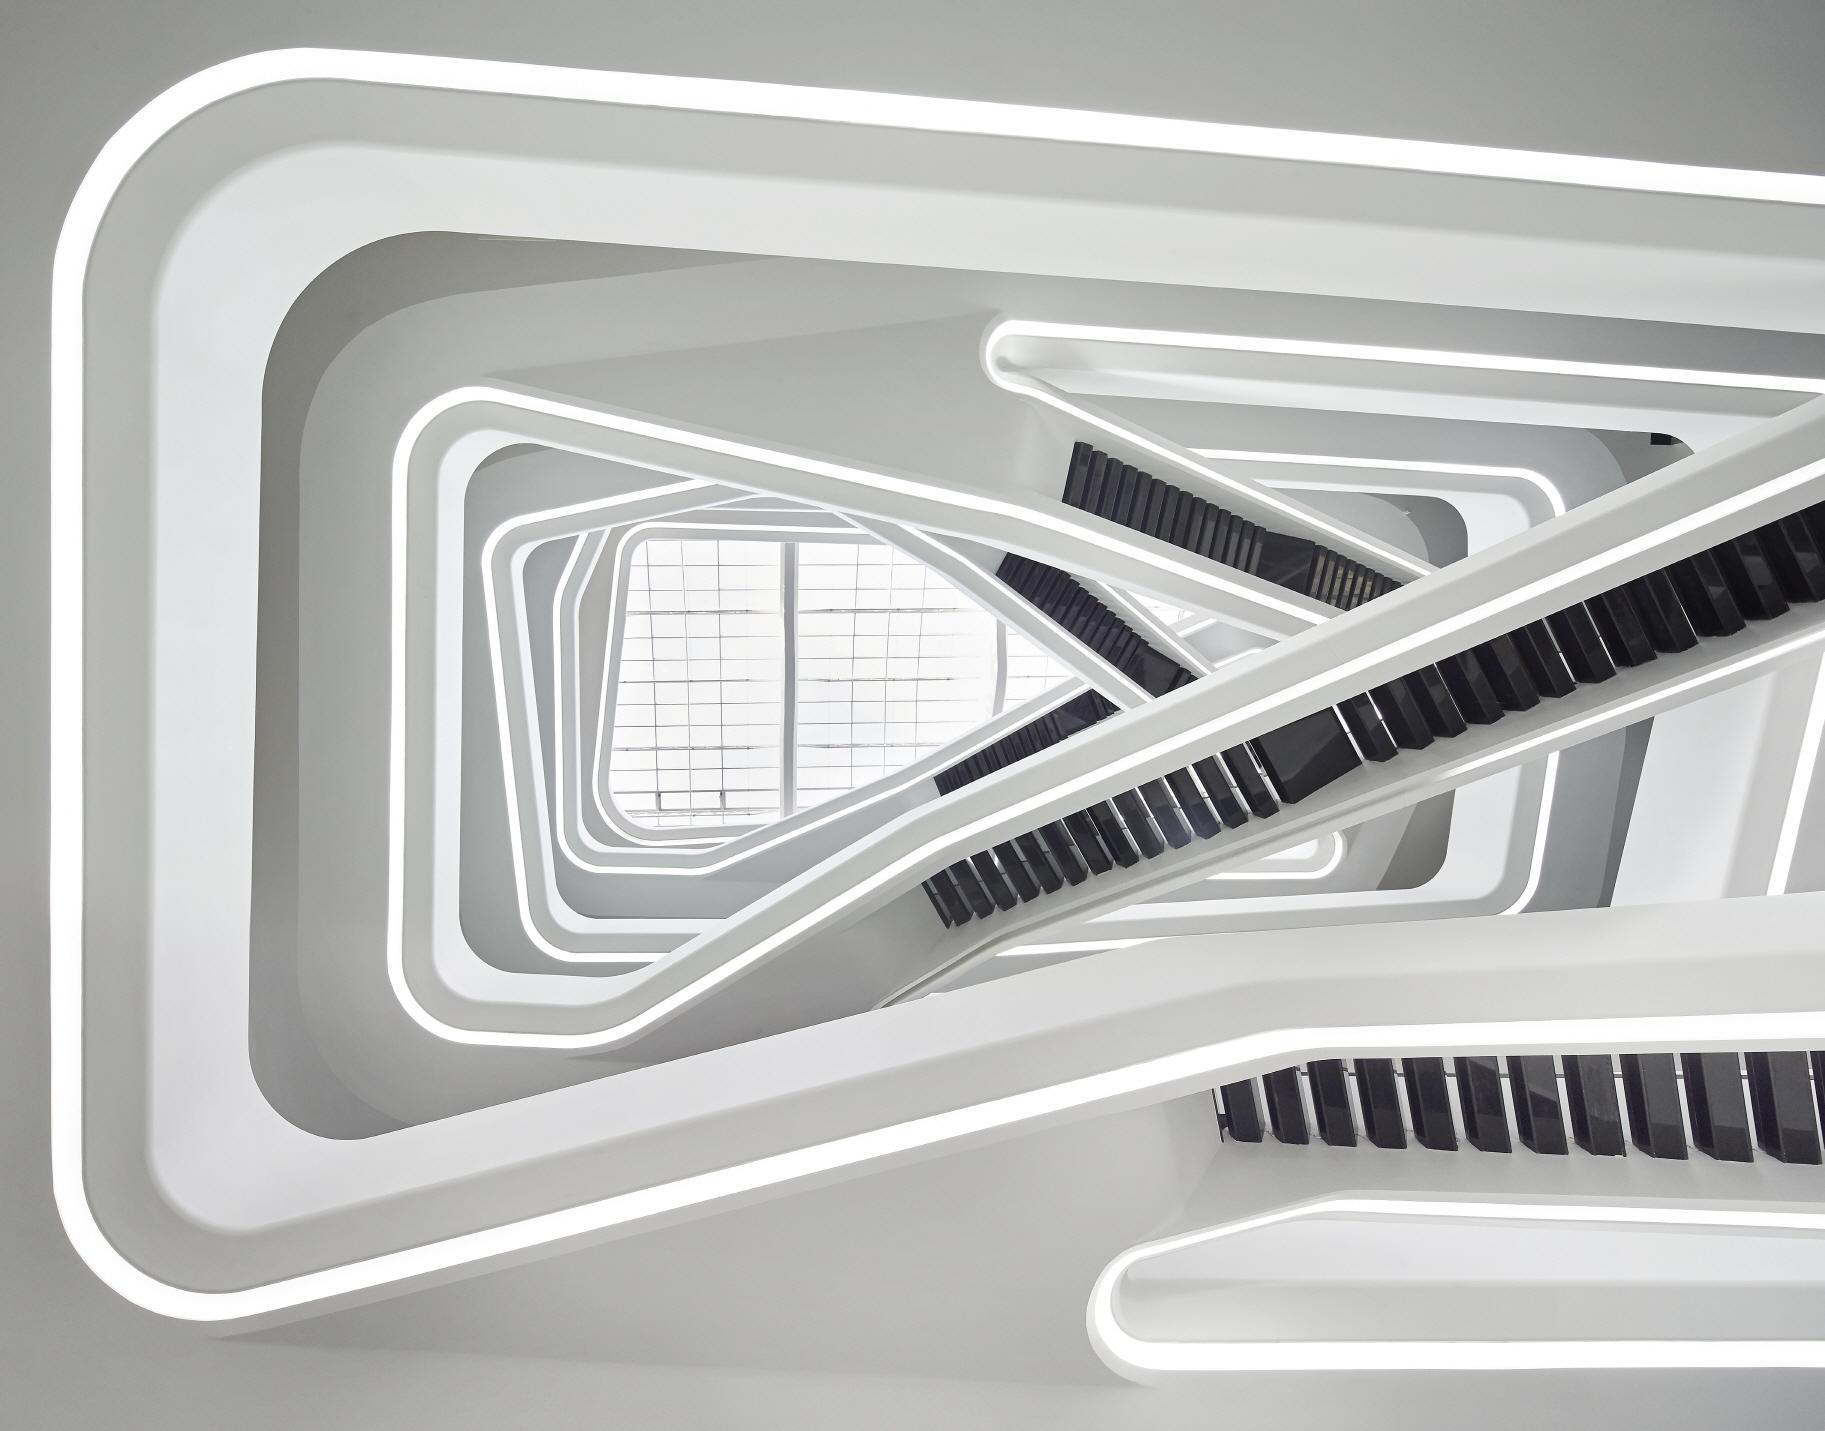 〔안정원의 디자인 칼럼〕 연속된 중첩과 짜임으로 인해 엮어진 유기적 구조의 연속성